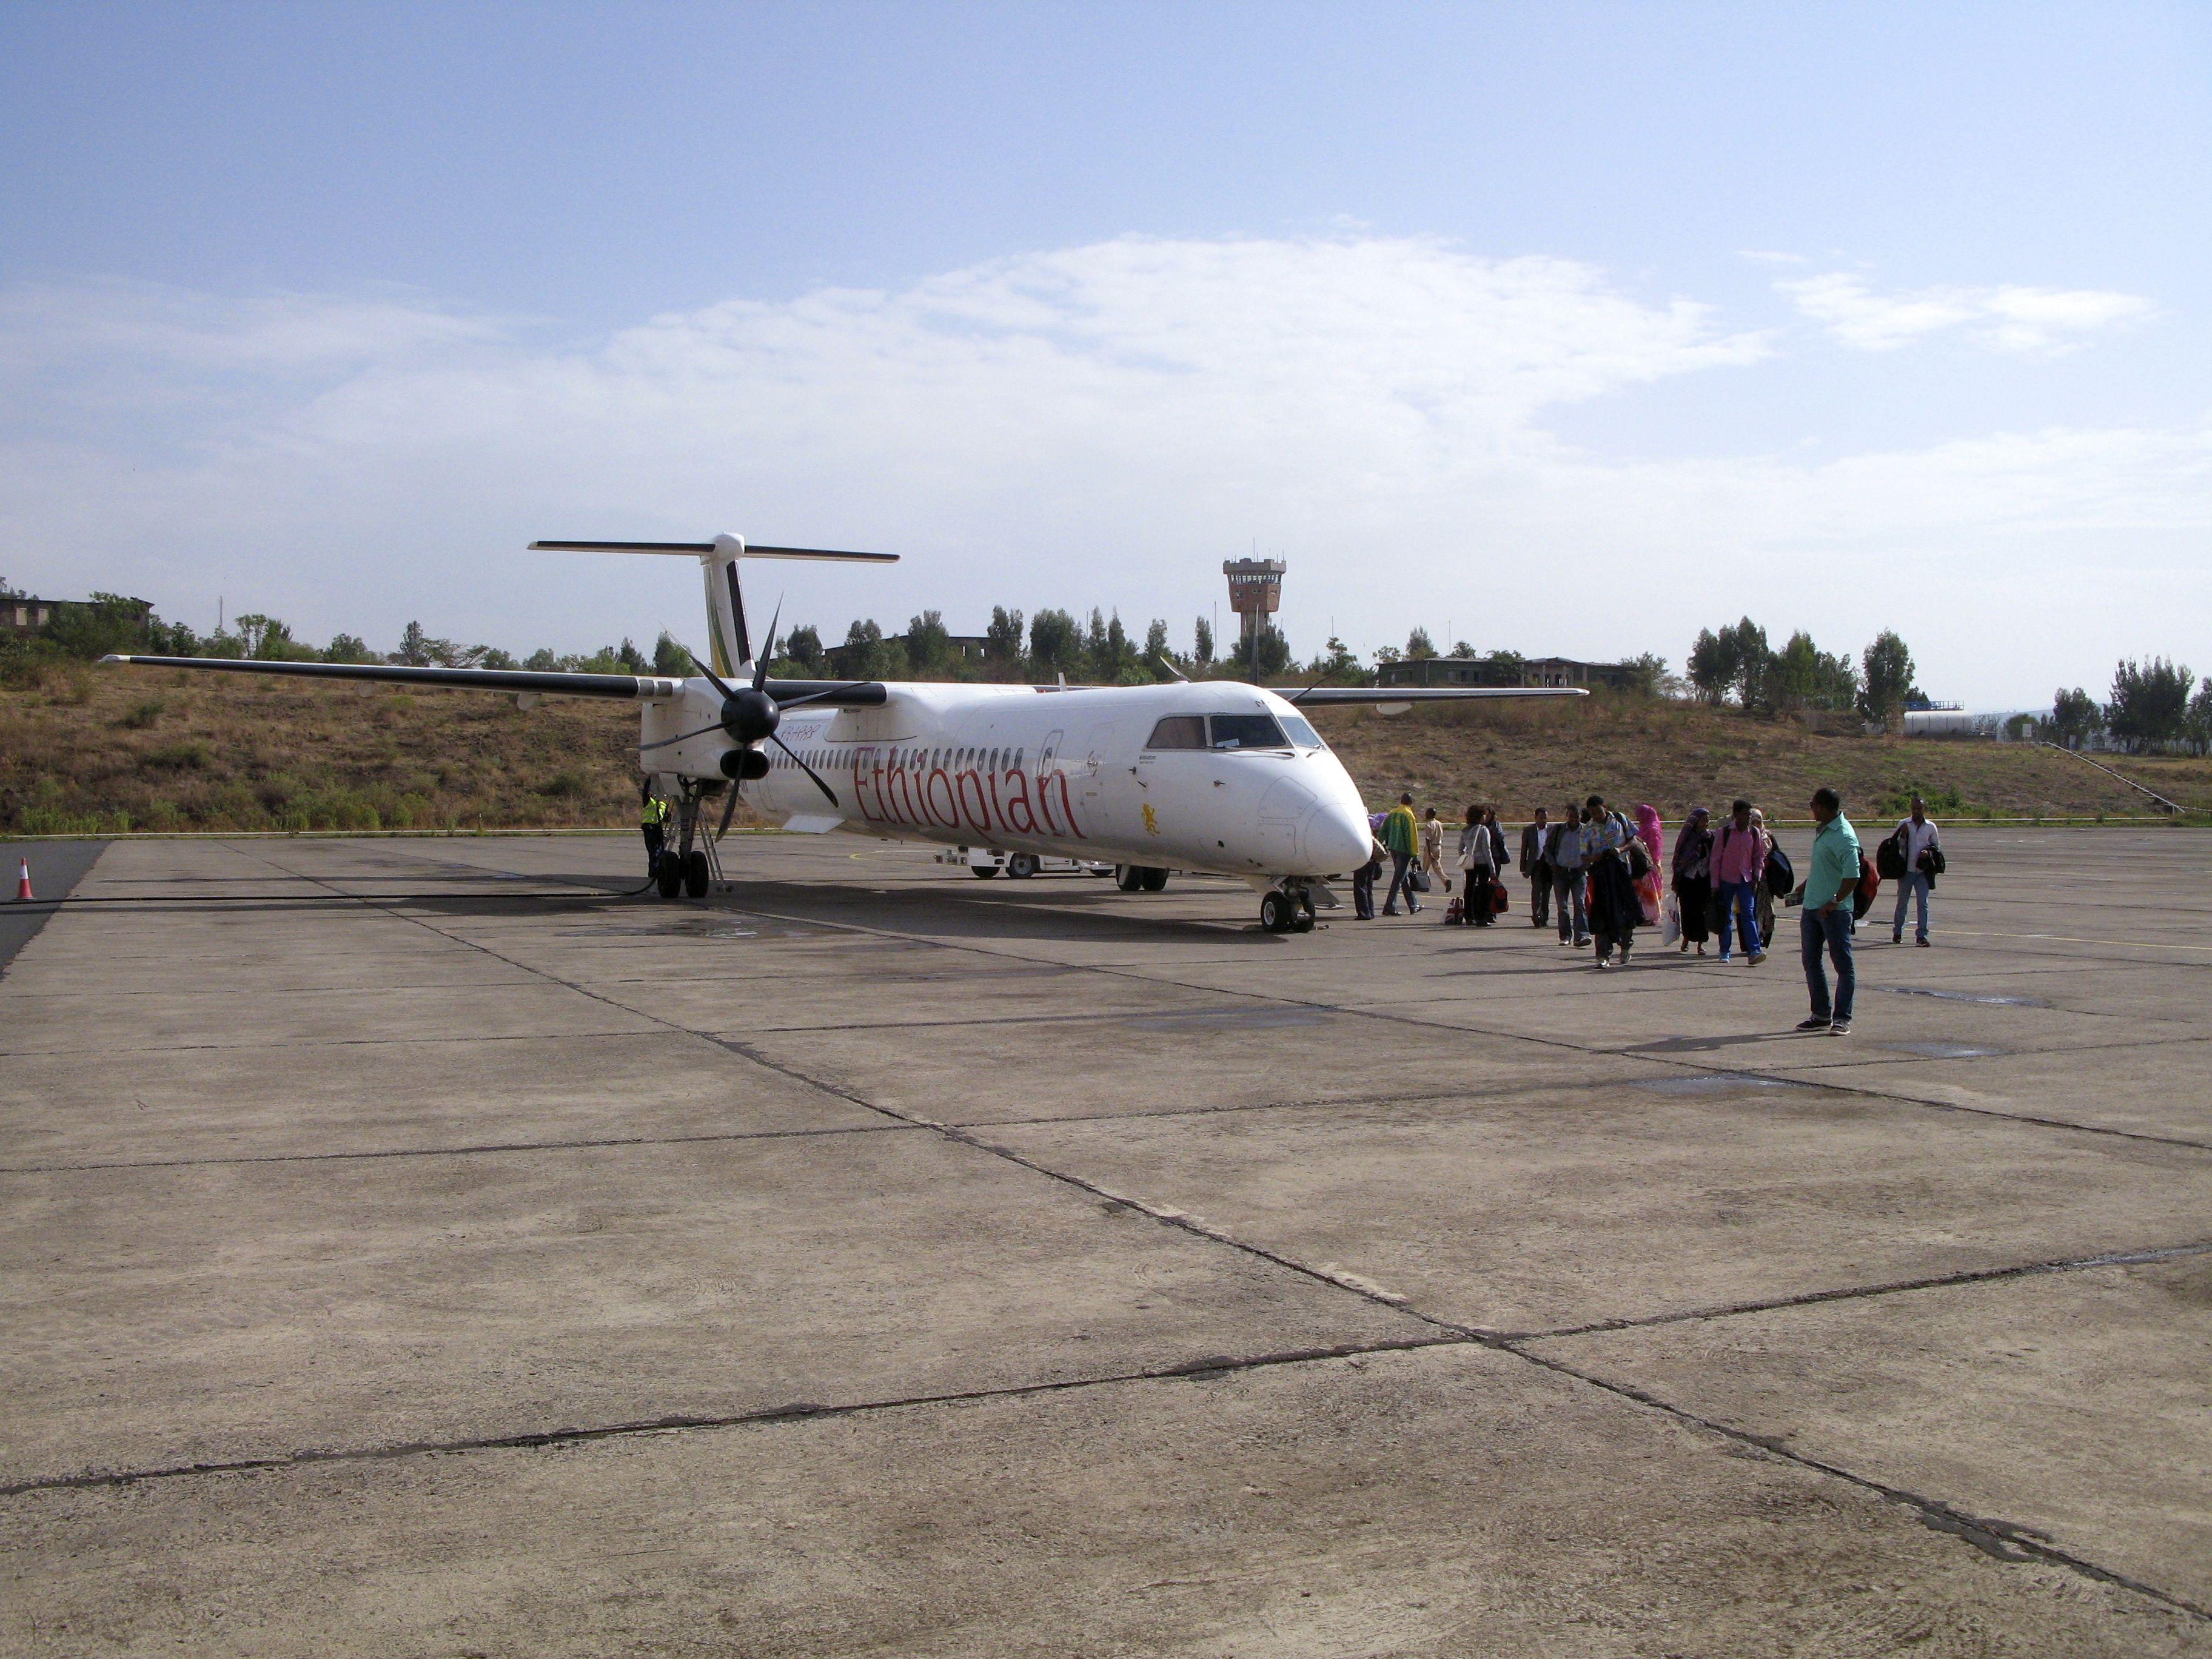 Aeroporto Etiopia : Etiopia aeroporto addis abeba bale